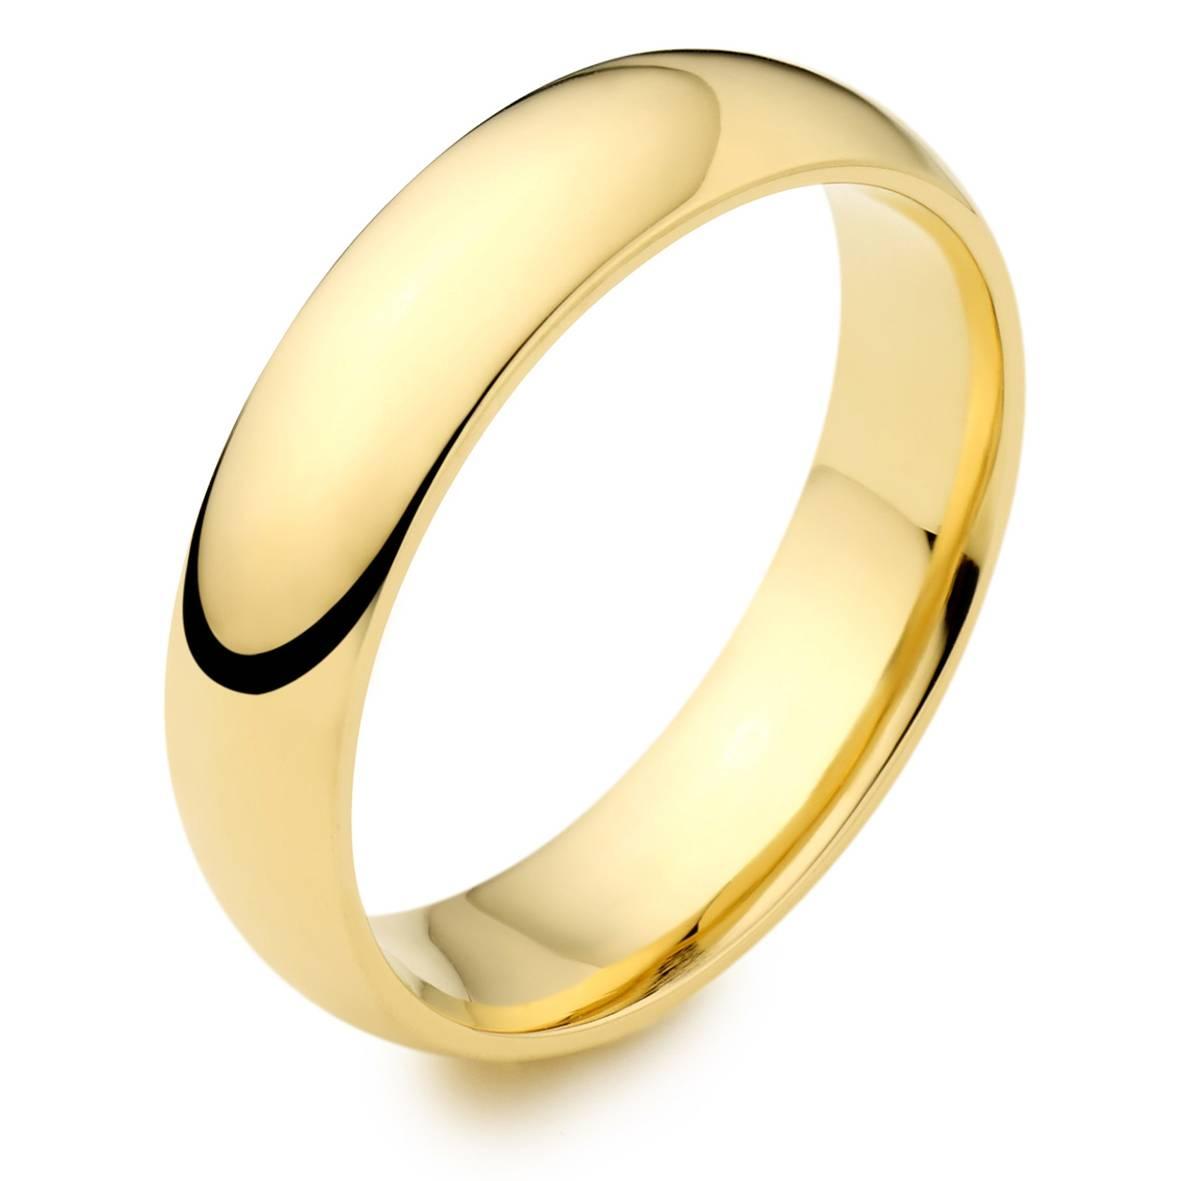 Men's, Plain Ring Idg255 • I Do Wedding Rings Intended For Plain Mens Wedding Bands (View 11 of 15)